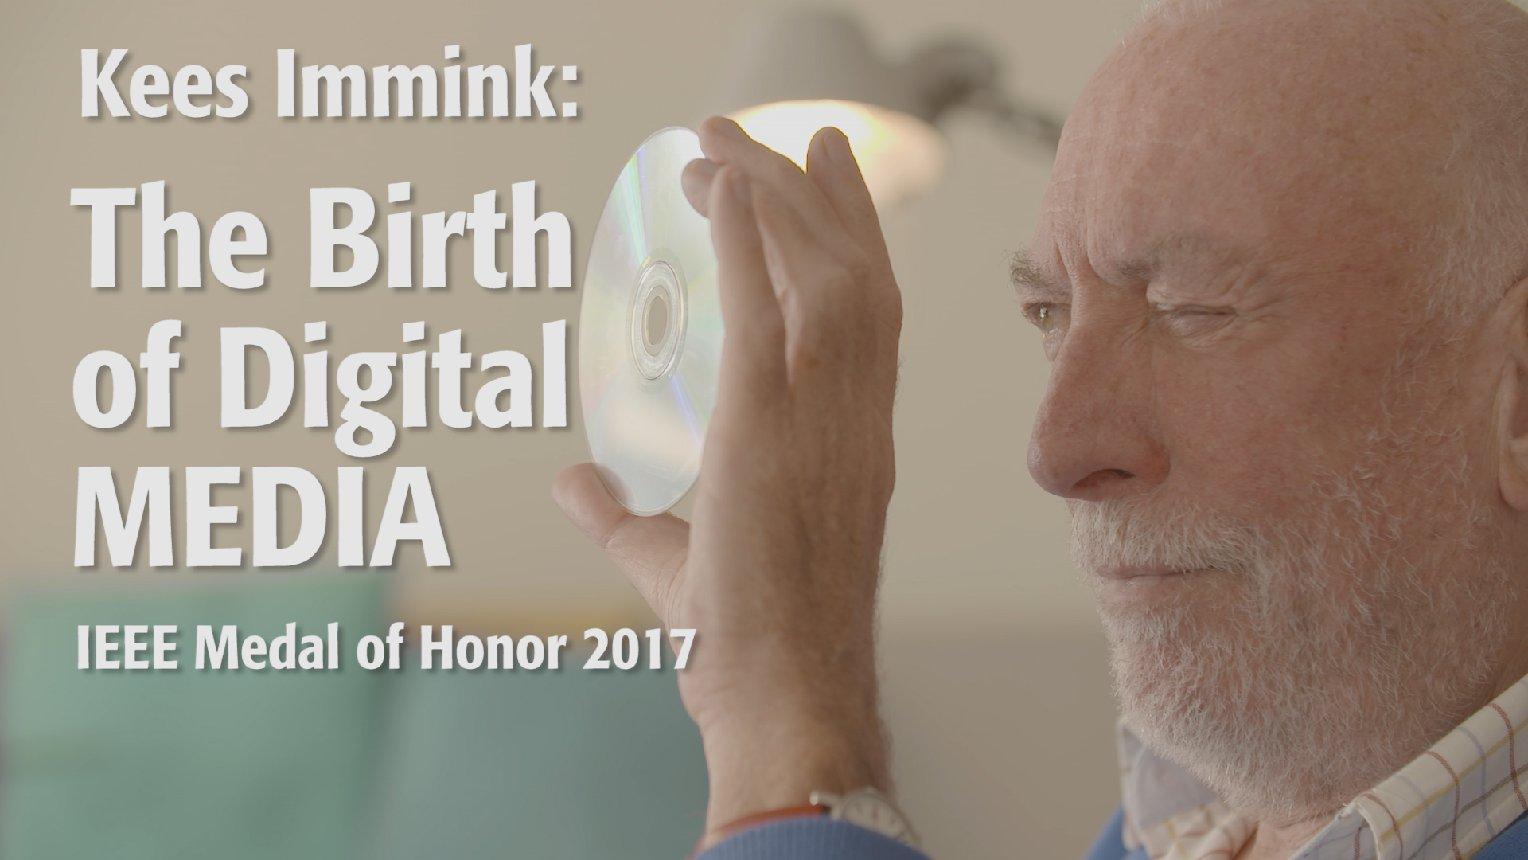 Kees Immink, 2017 IEEE Medal of Honor